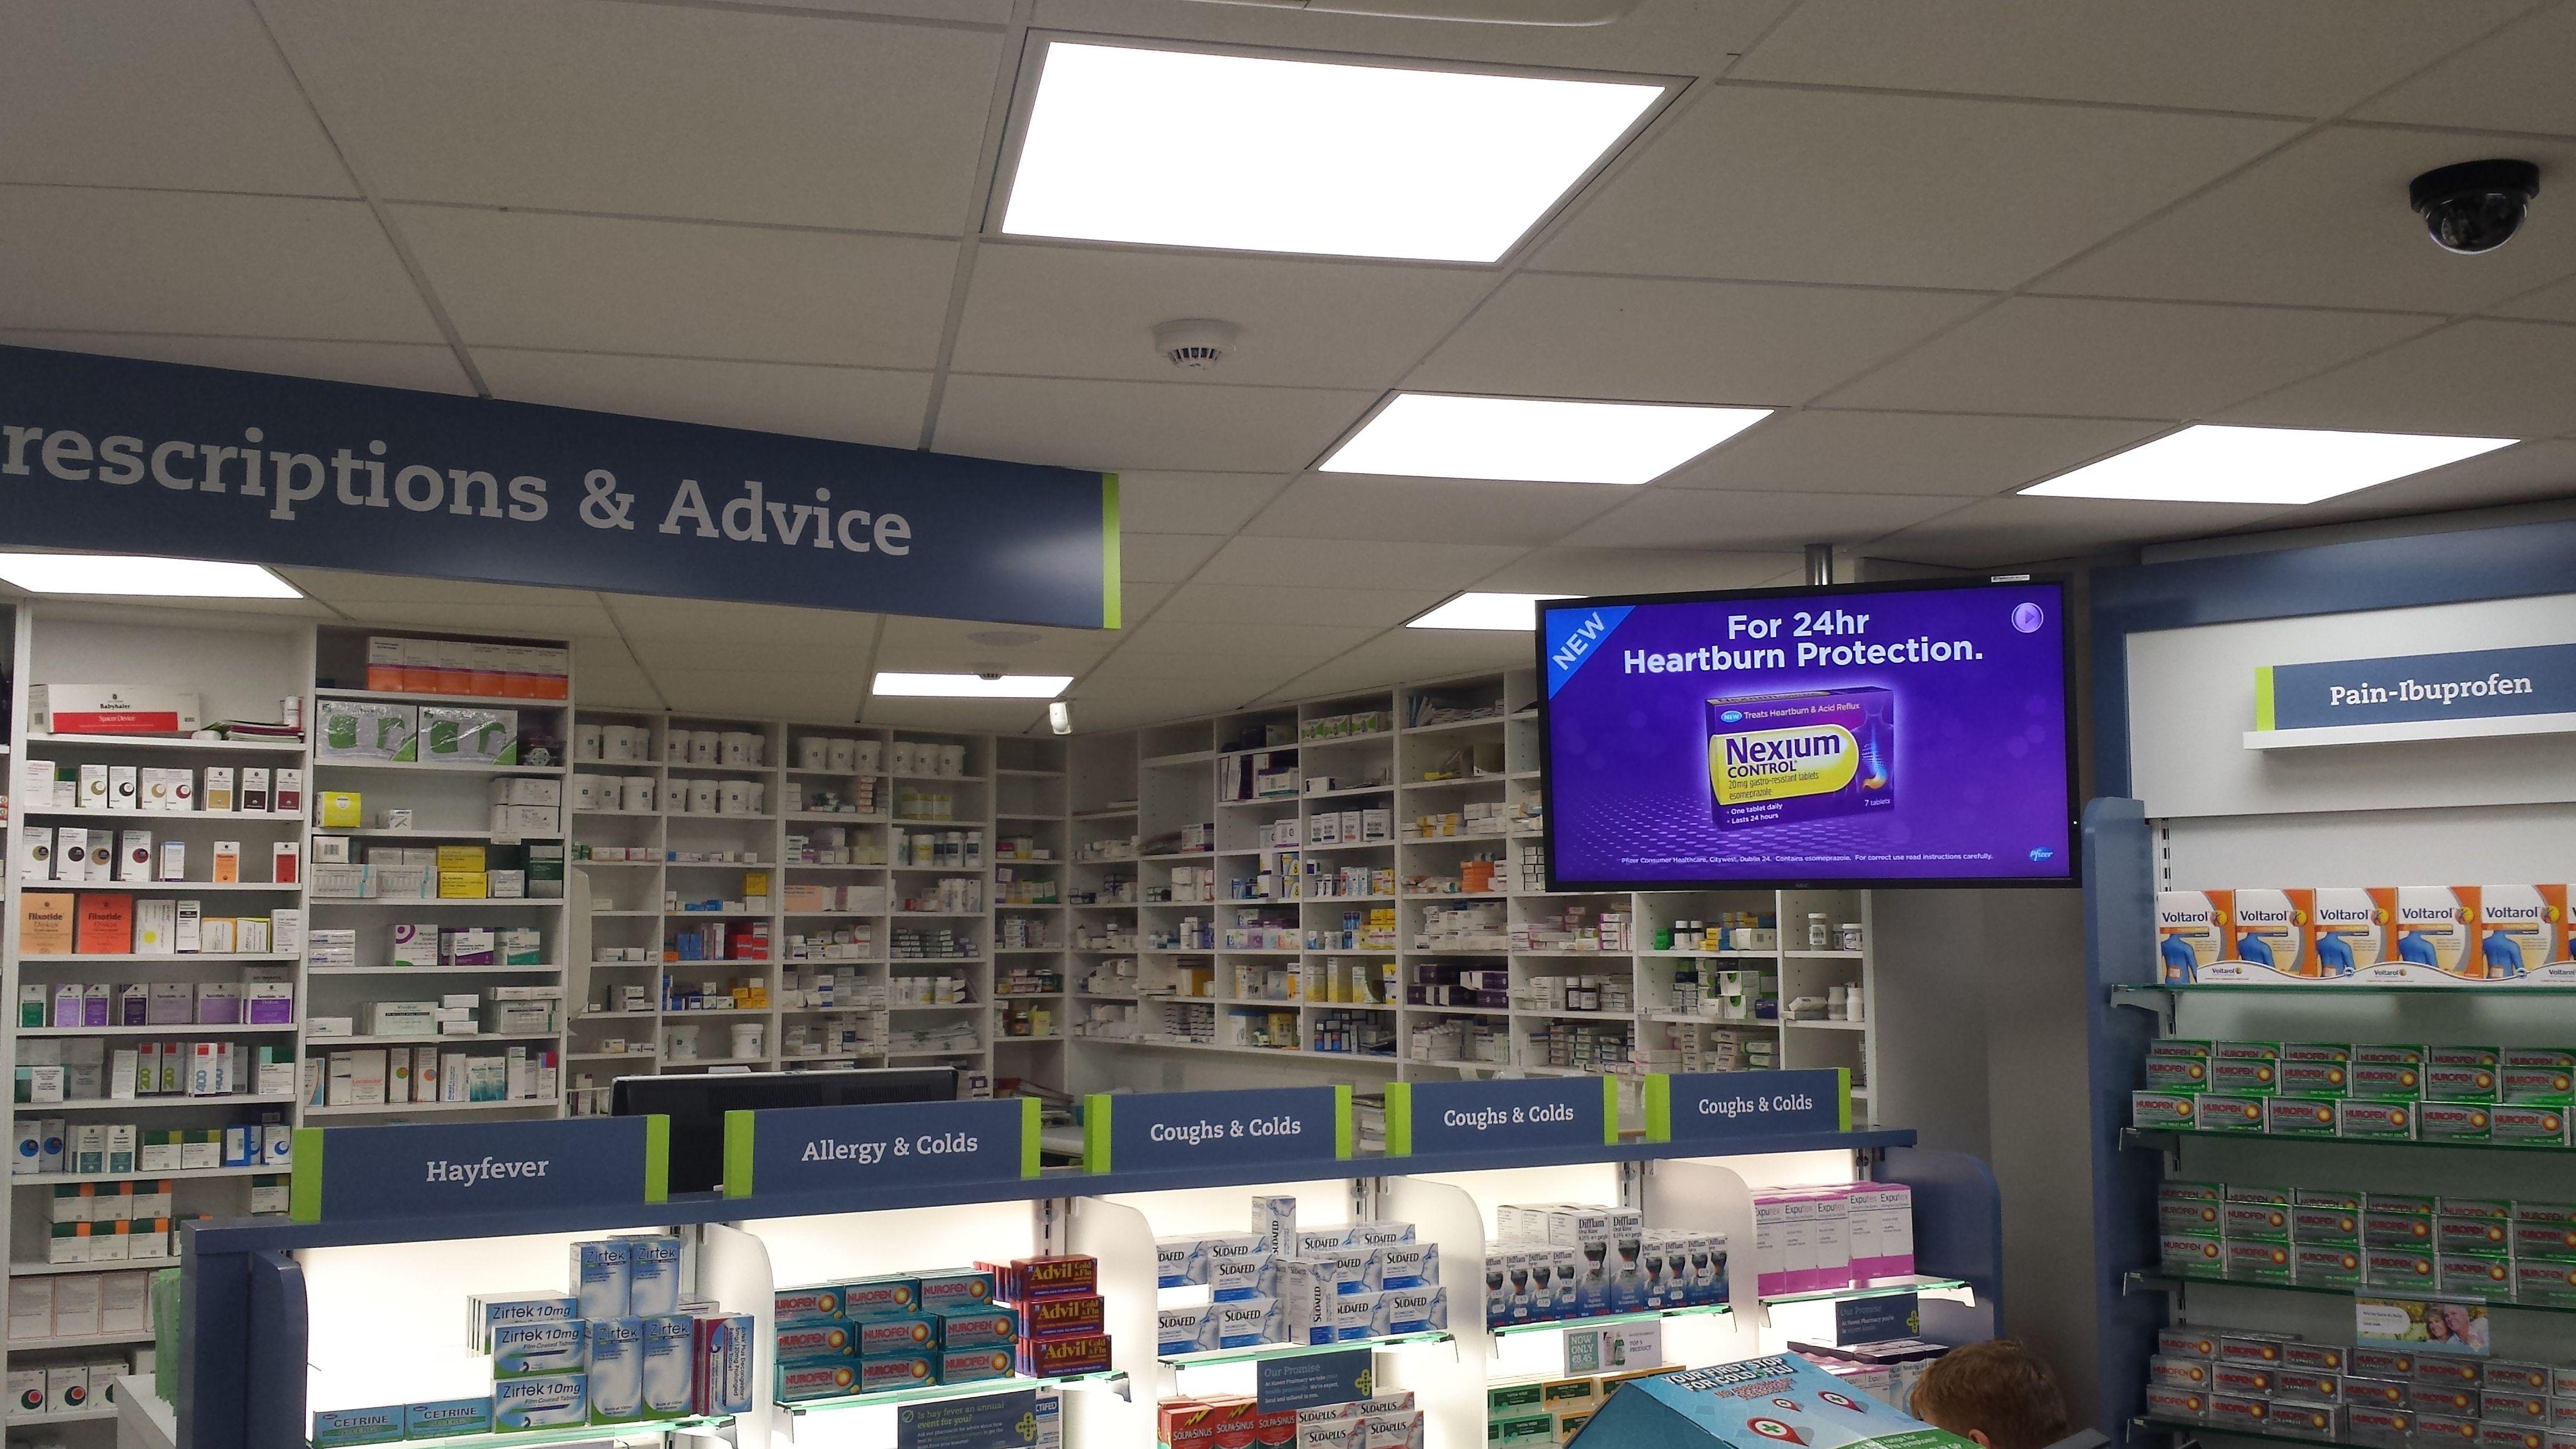 Pharmacy digital signage